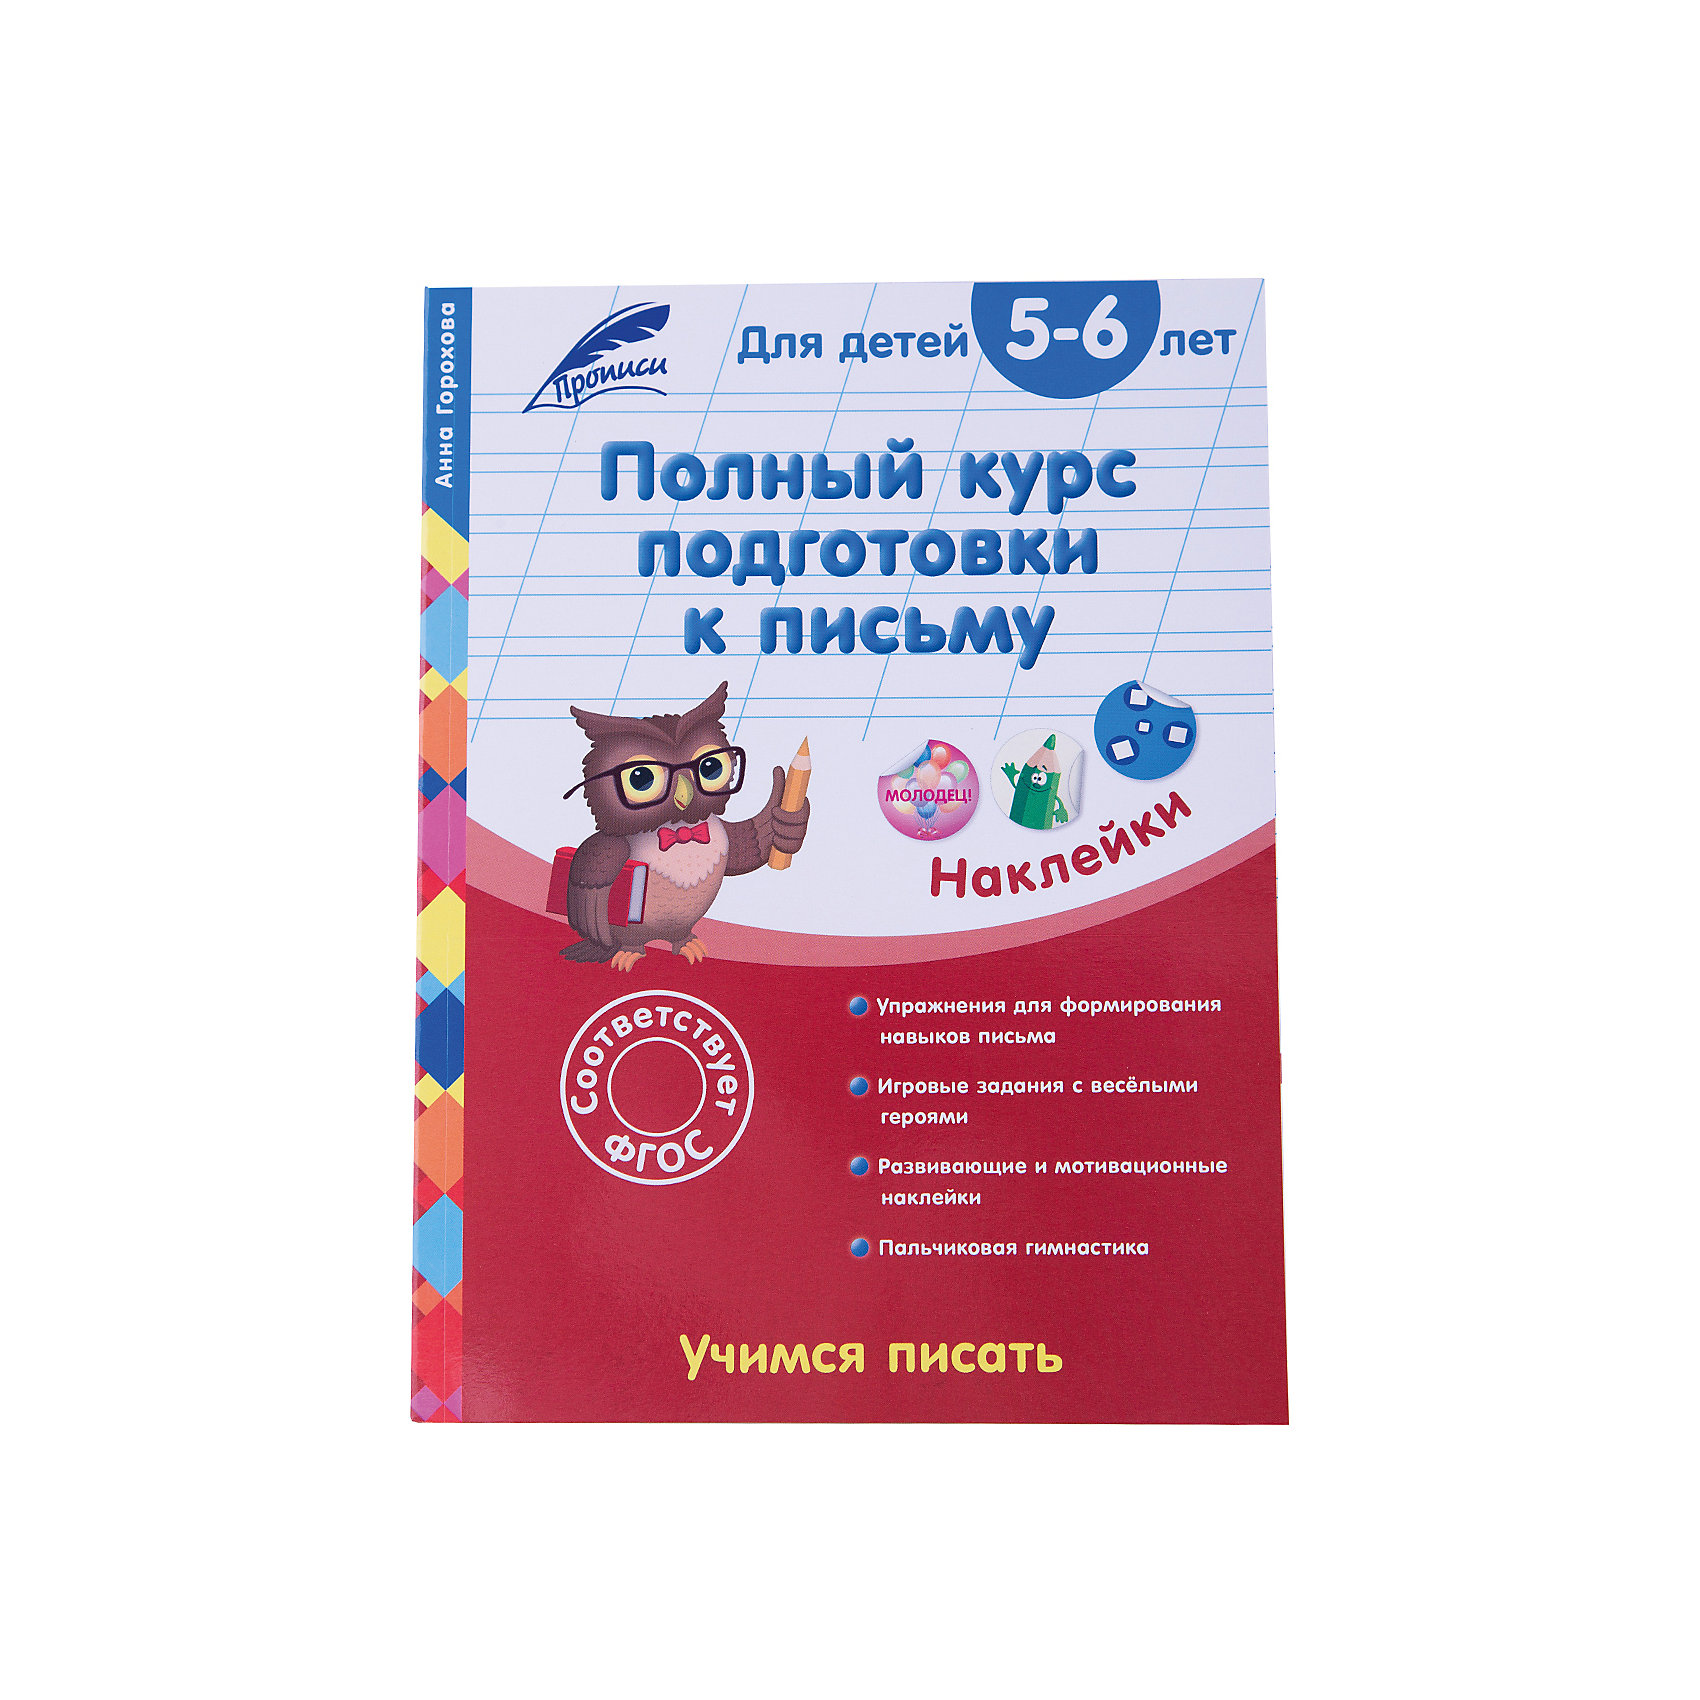 Эксмо Полный курс подготовки к письму: для детей 5-6 лет книги эксмо развивающие игры для детей 5 6 лет